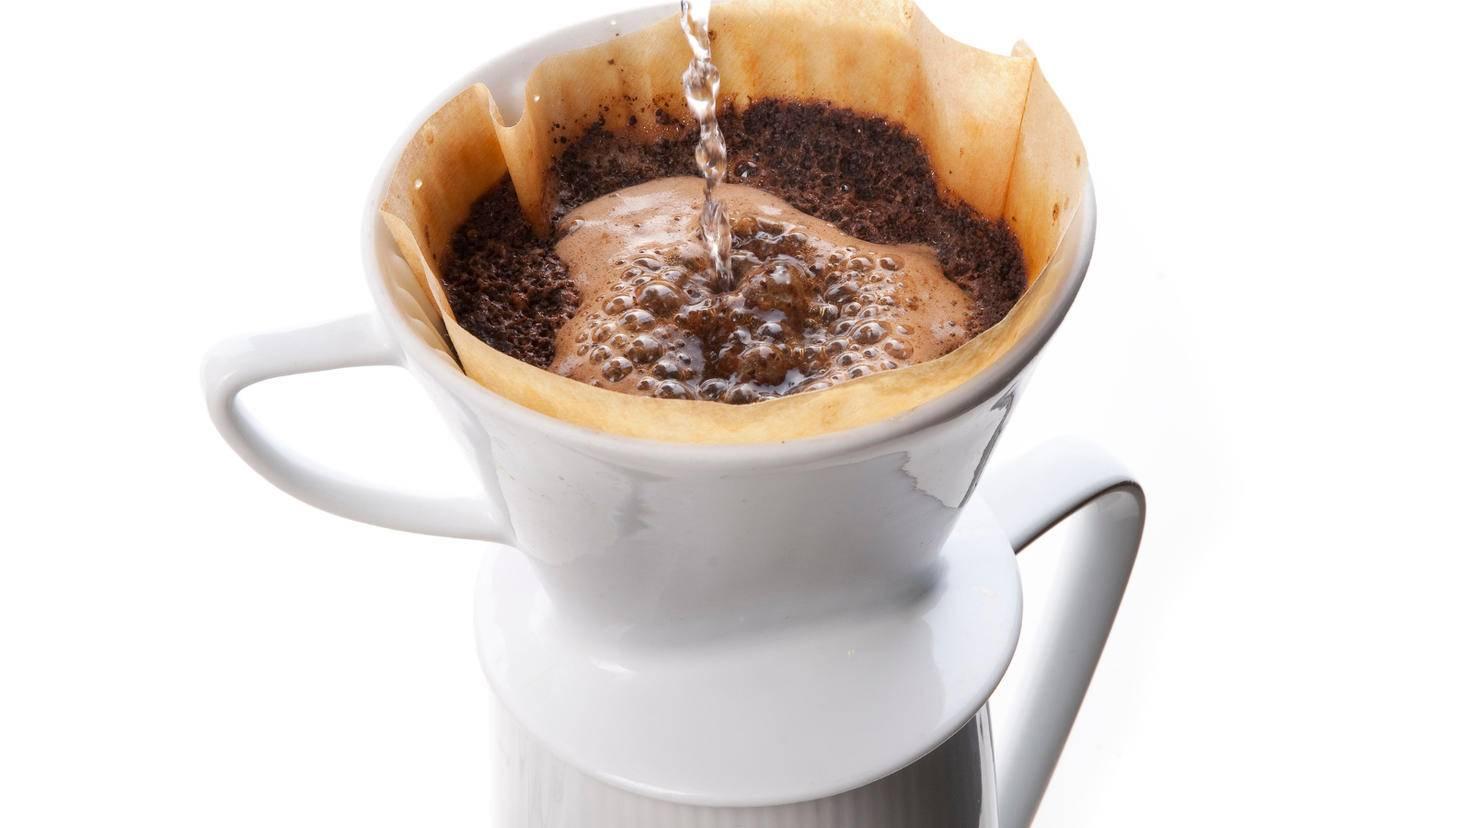 Volle Kontrolle: Mit einem Handfilter aus Porzellan bereitest Du Deinen Filterkaffee exakt nach Deinen Vorstellungen zu.